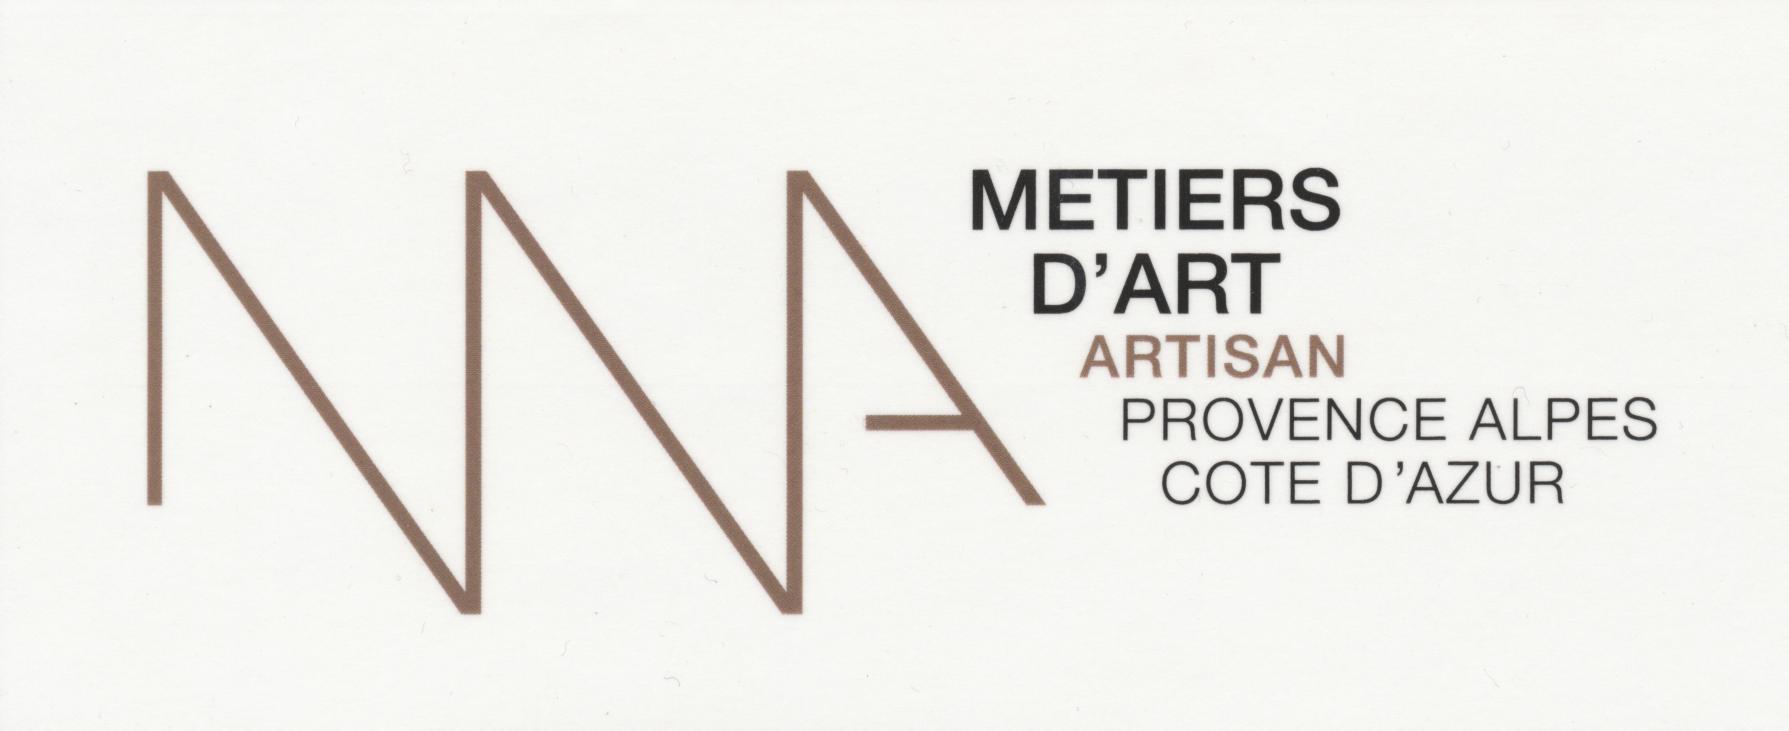 Actualité de Aurore GUILLOT Janvier 2016  :   Artisan d'art